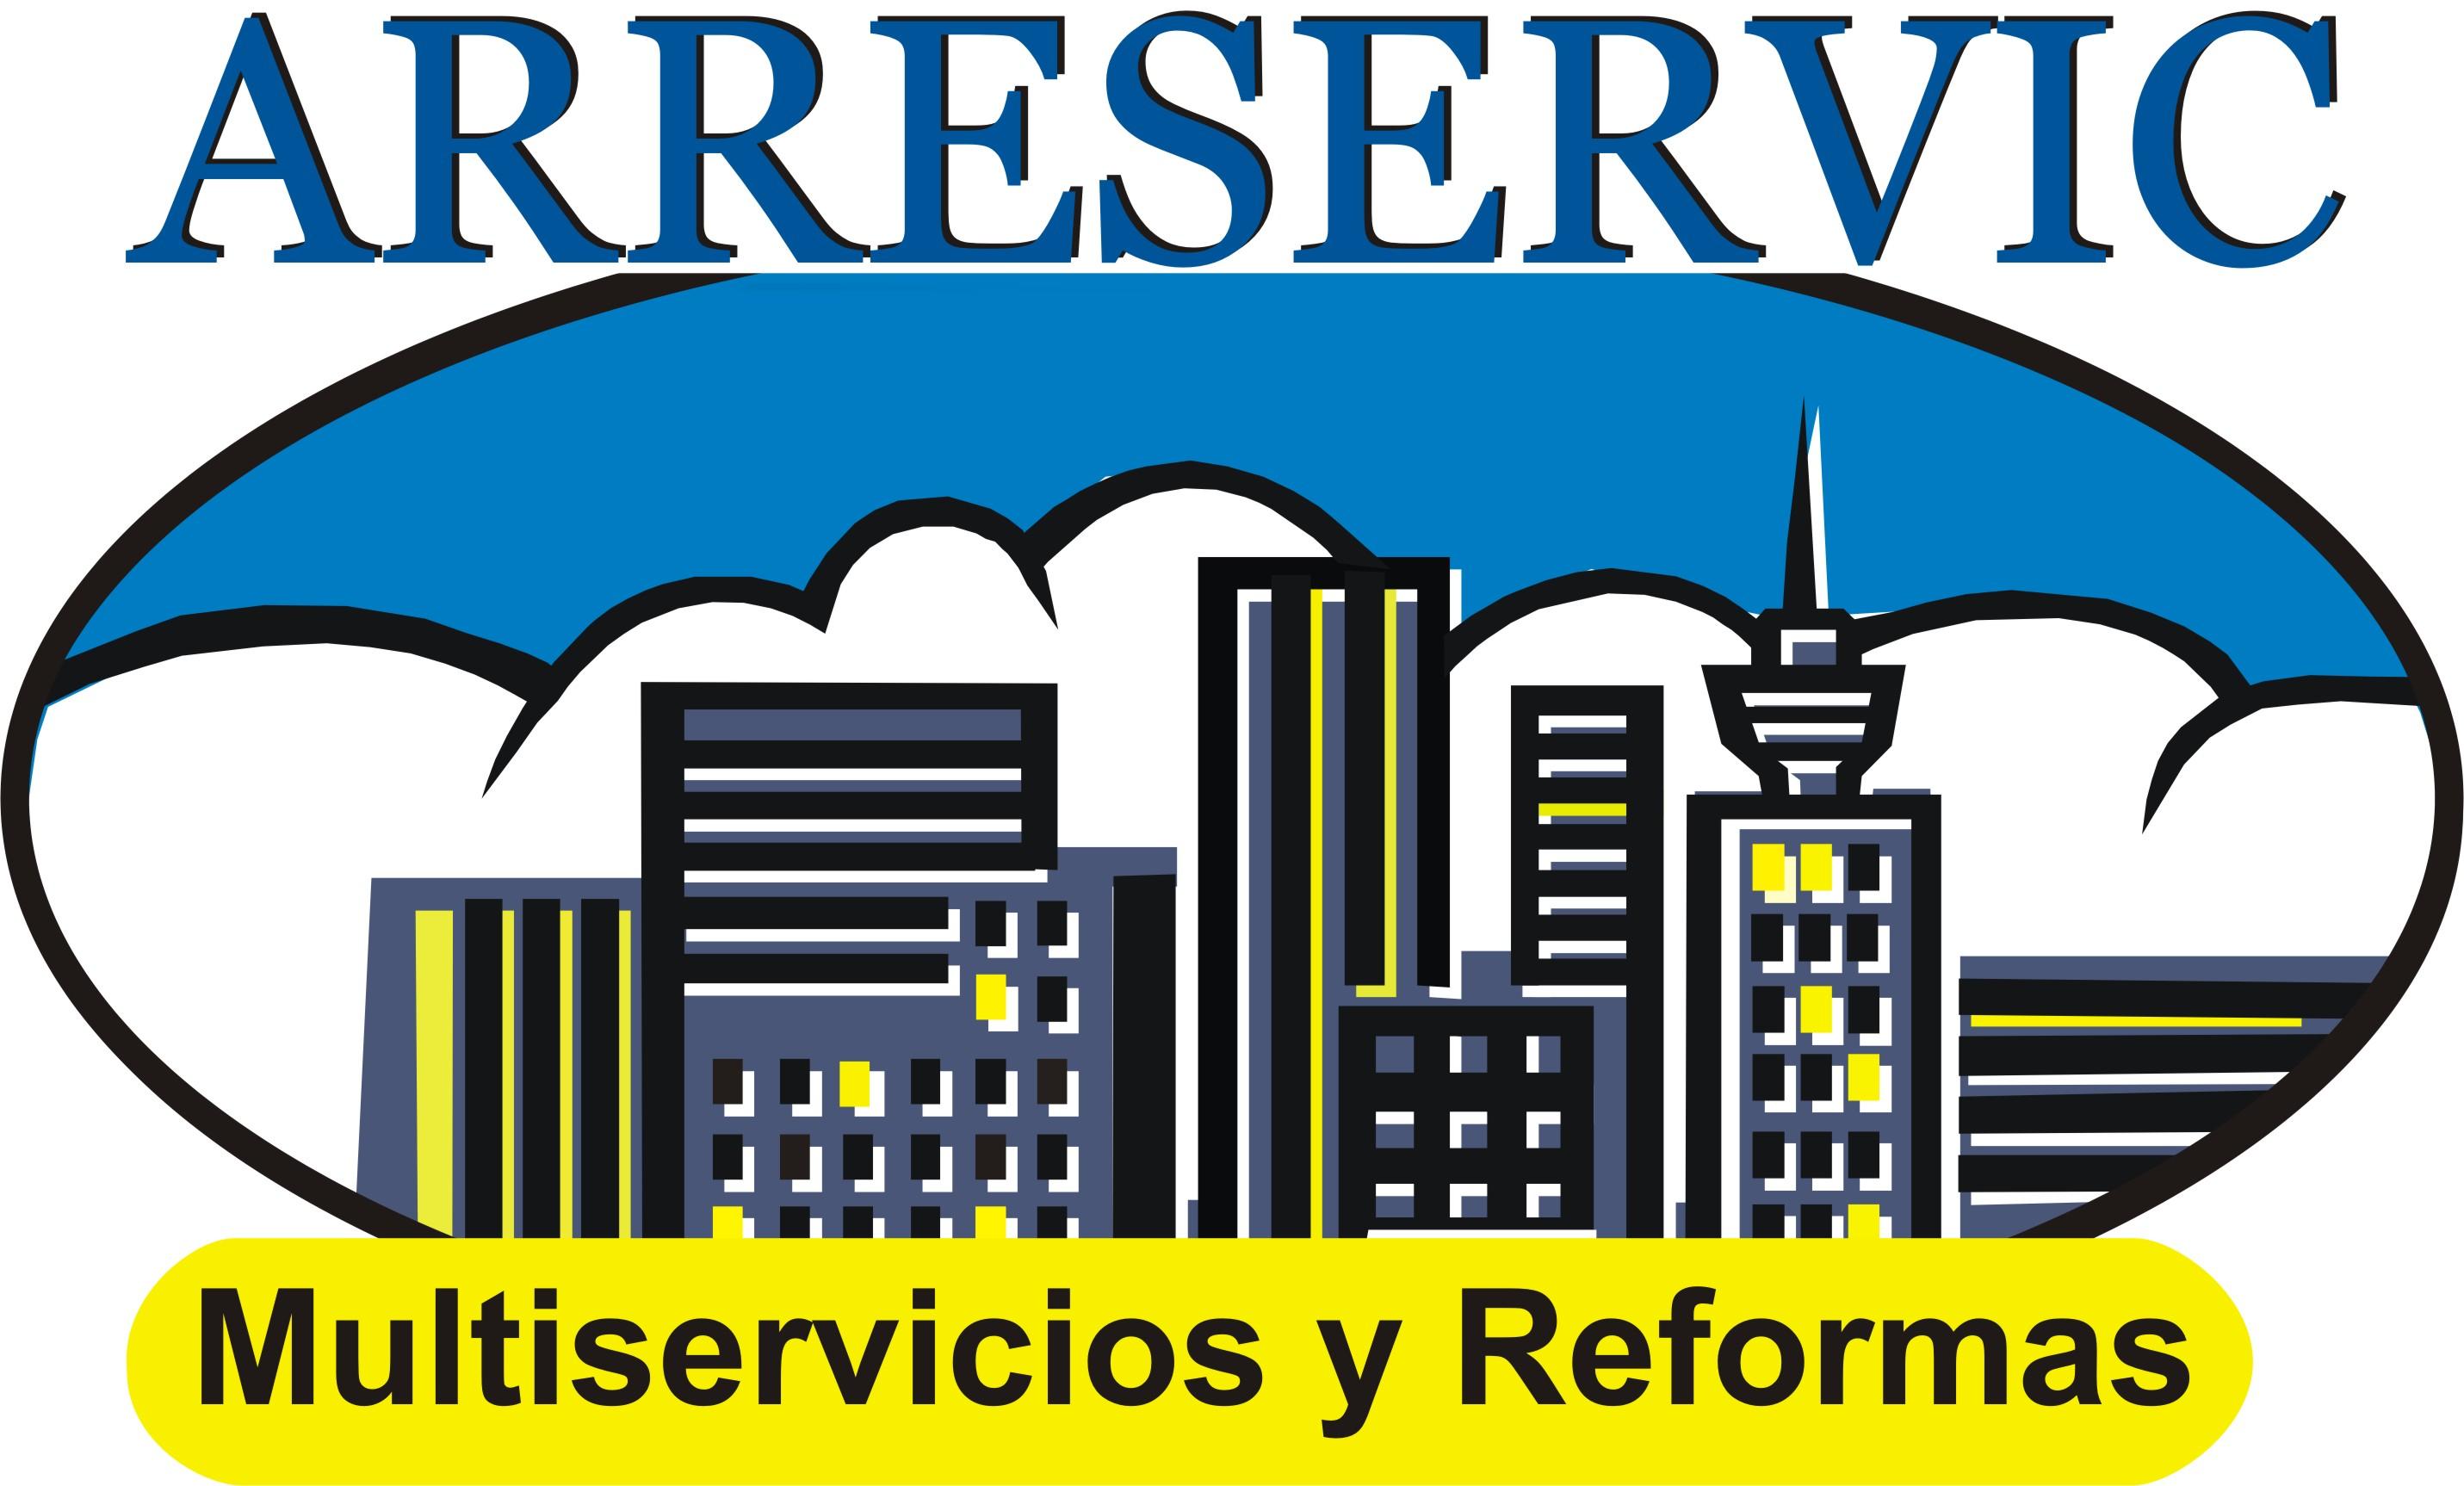 ARRESERVIC (Multiservicios y reformas)